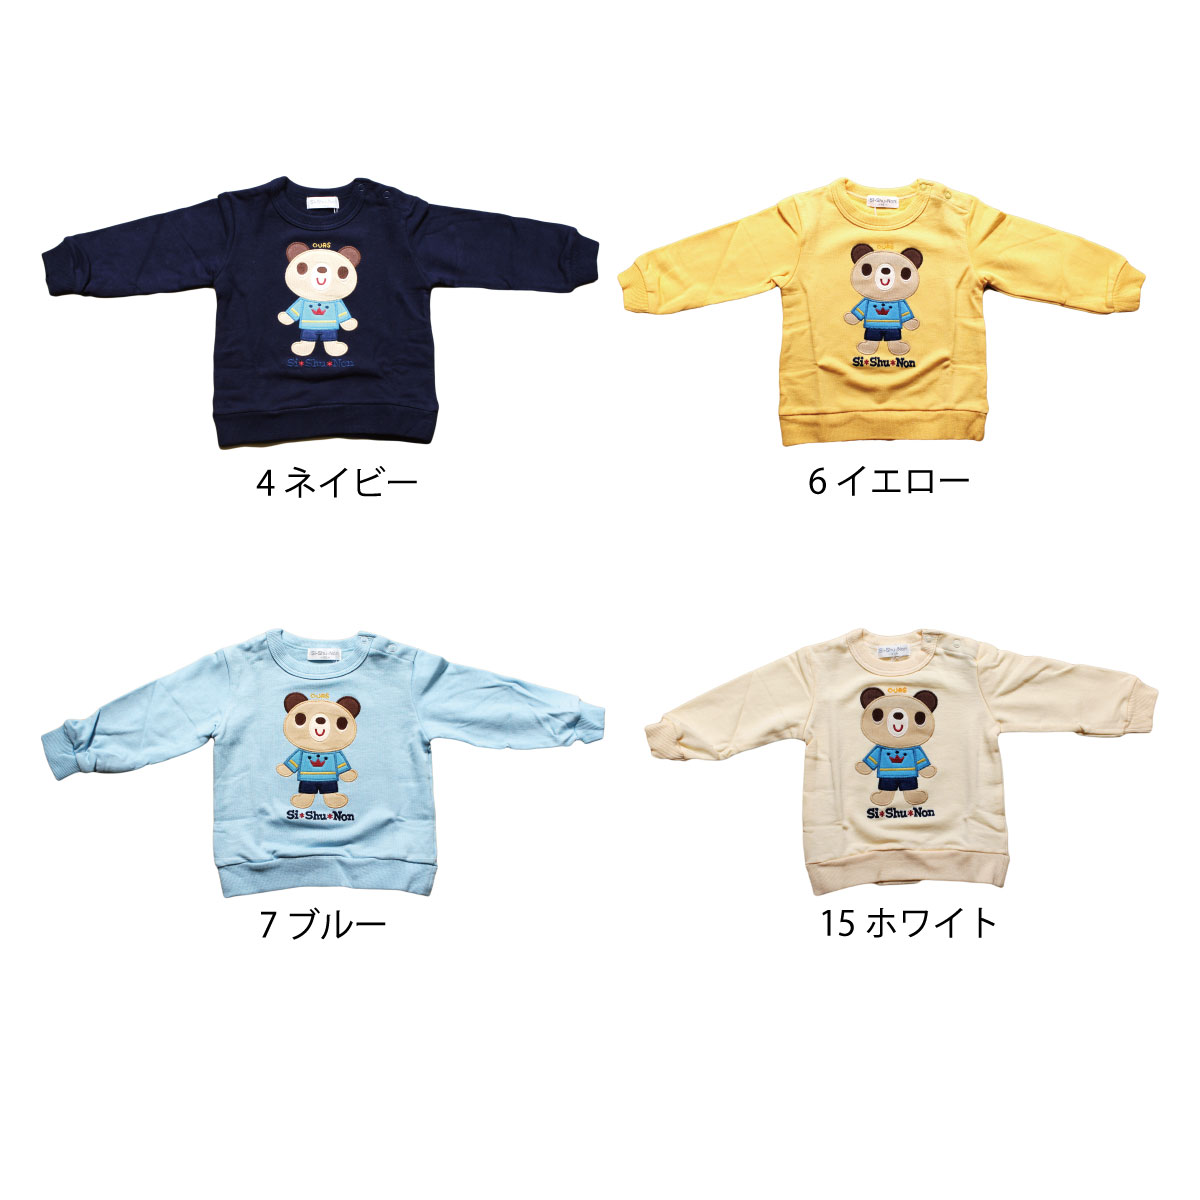 【セール】【ネコポス対応】【SiShuNon/シシュノン】定番クマトレーナー トレーナー 男の子 キッズ 刺繍 日本製 クマ 動物 ベビー